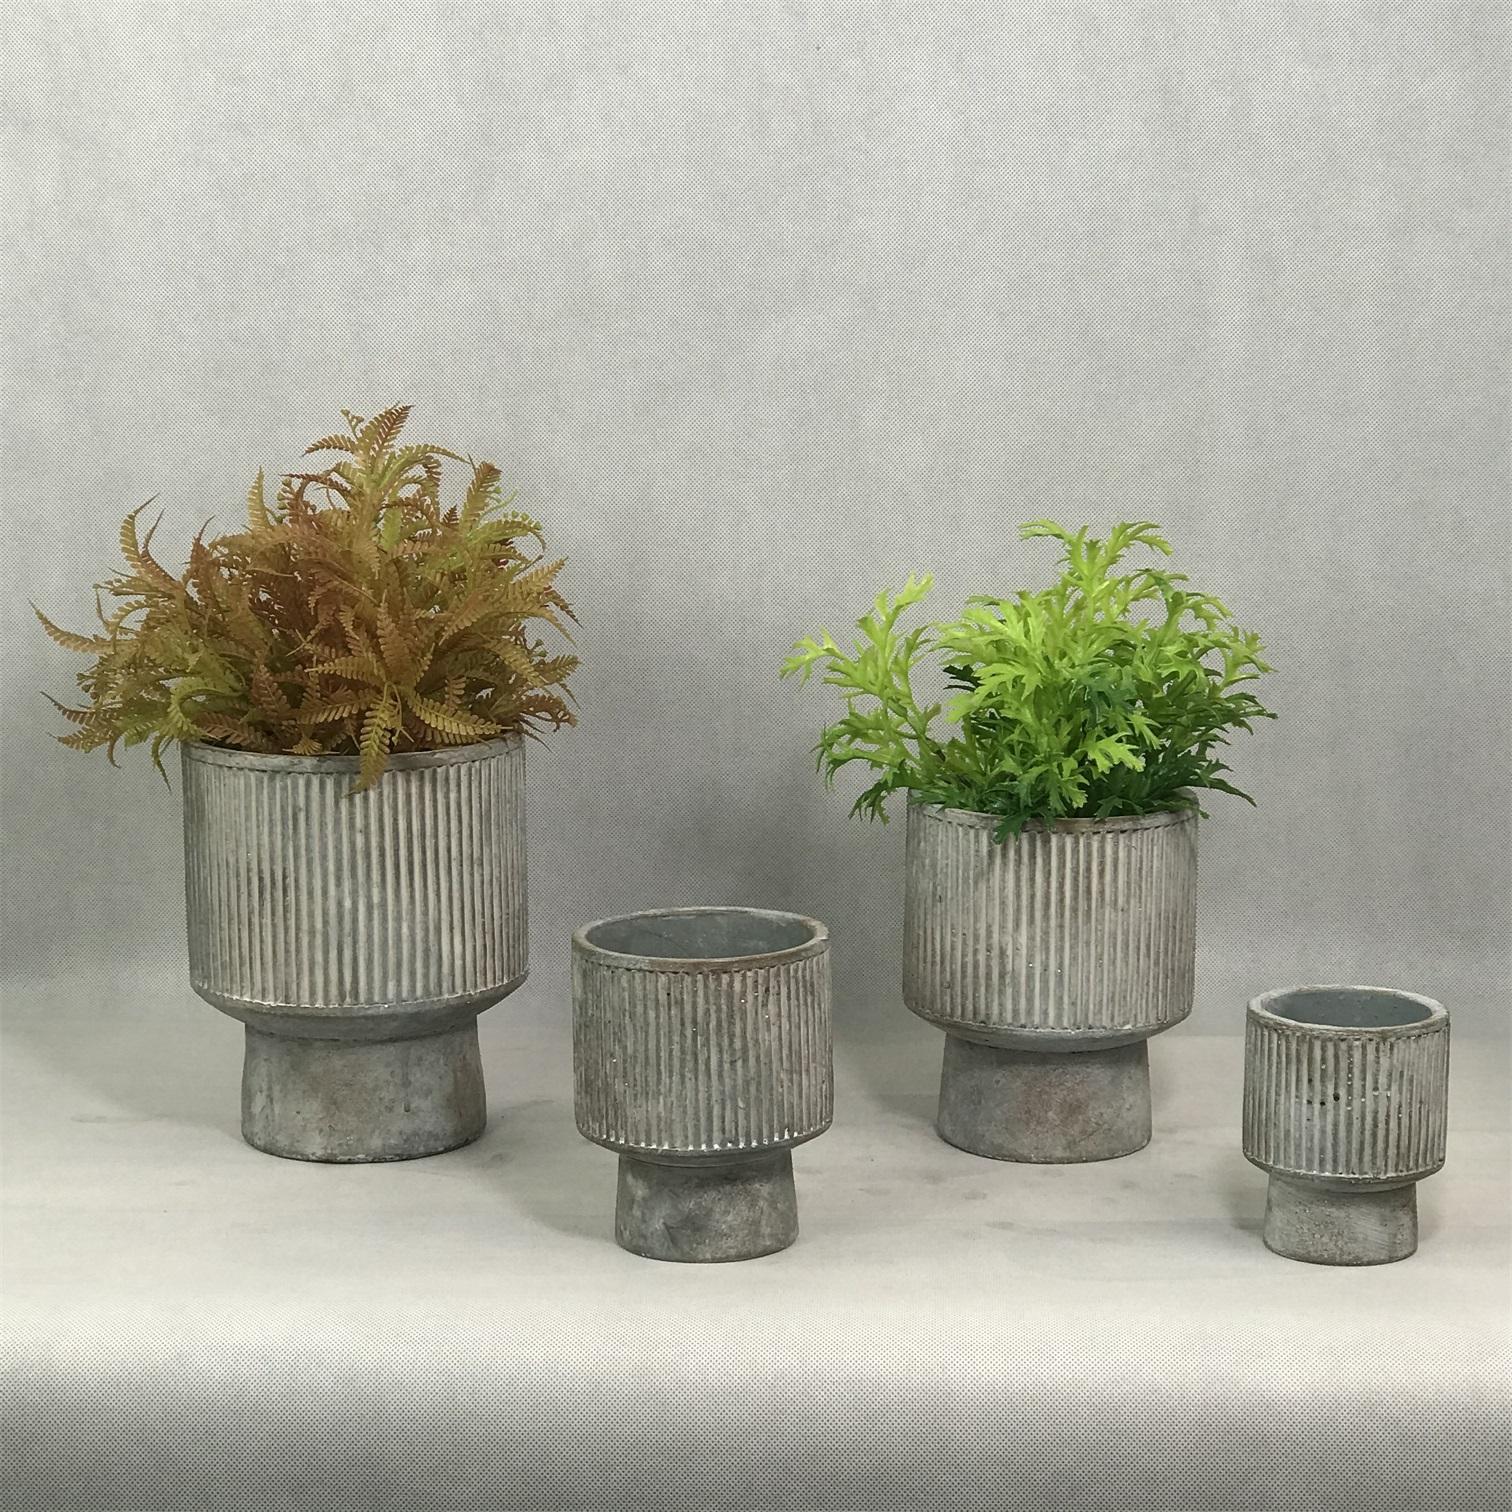 European style unique handmade cement flowerbed pot indoor garden plants